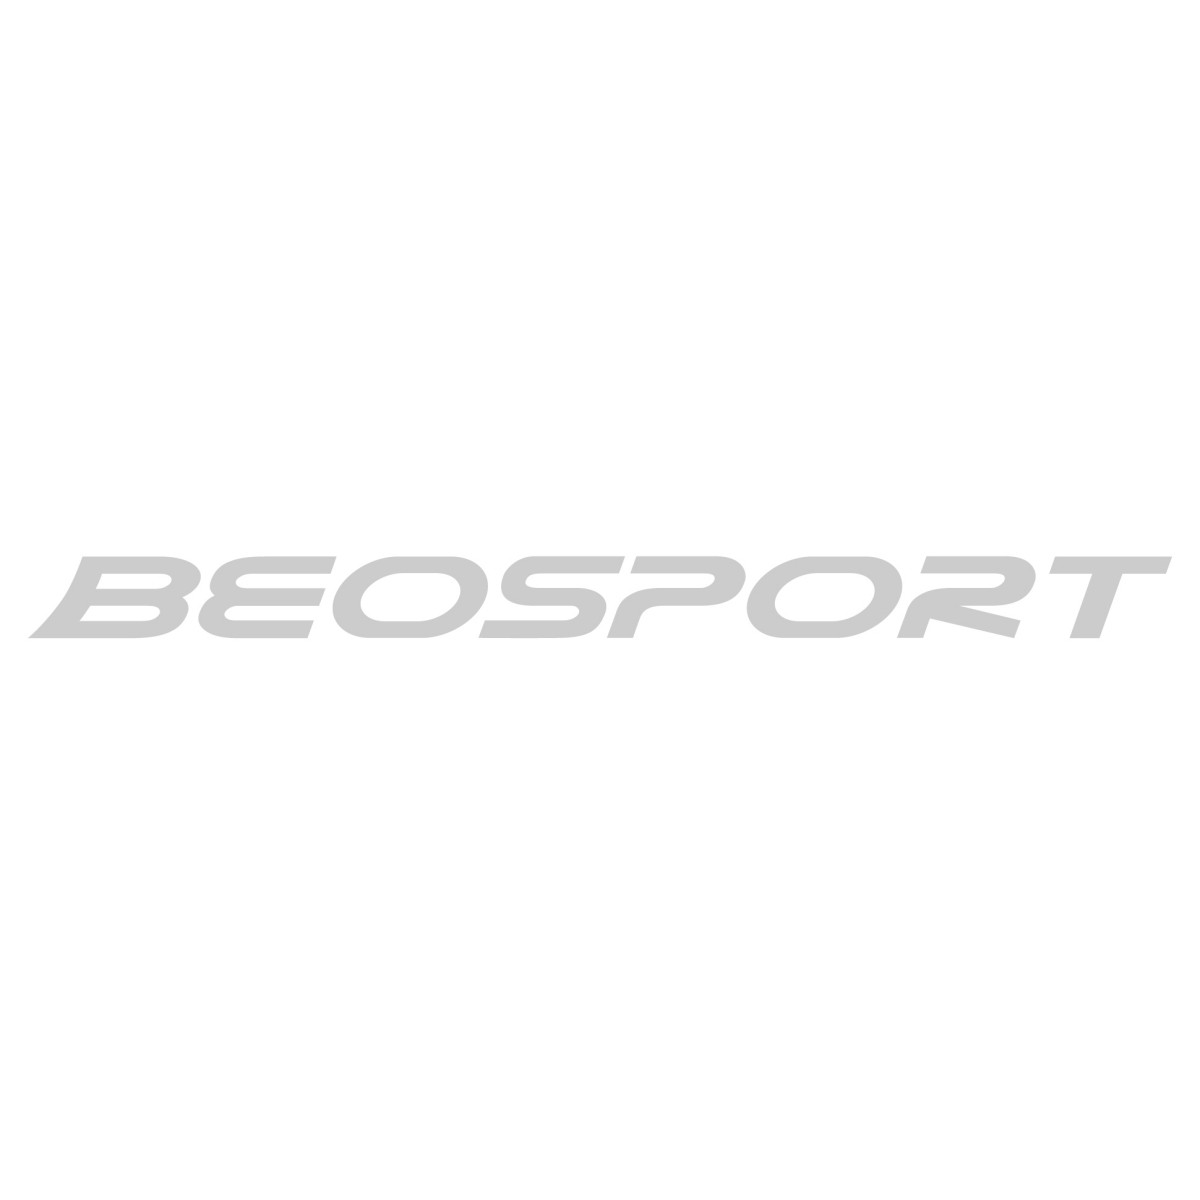 Skechers Elite Flex - Hydrox patike